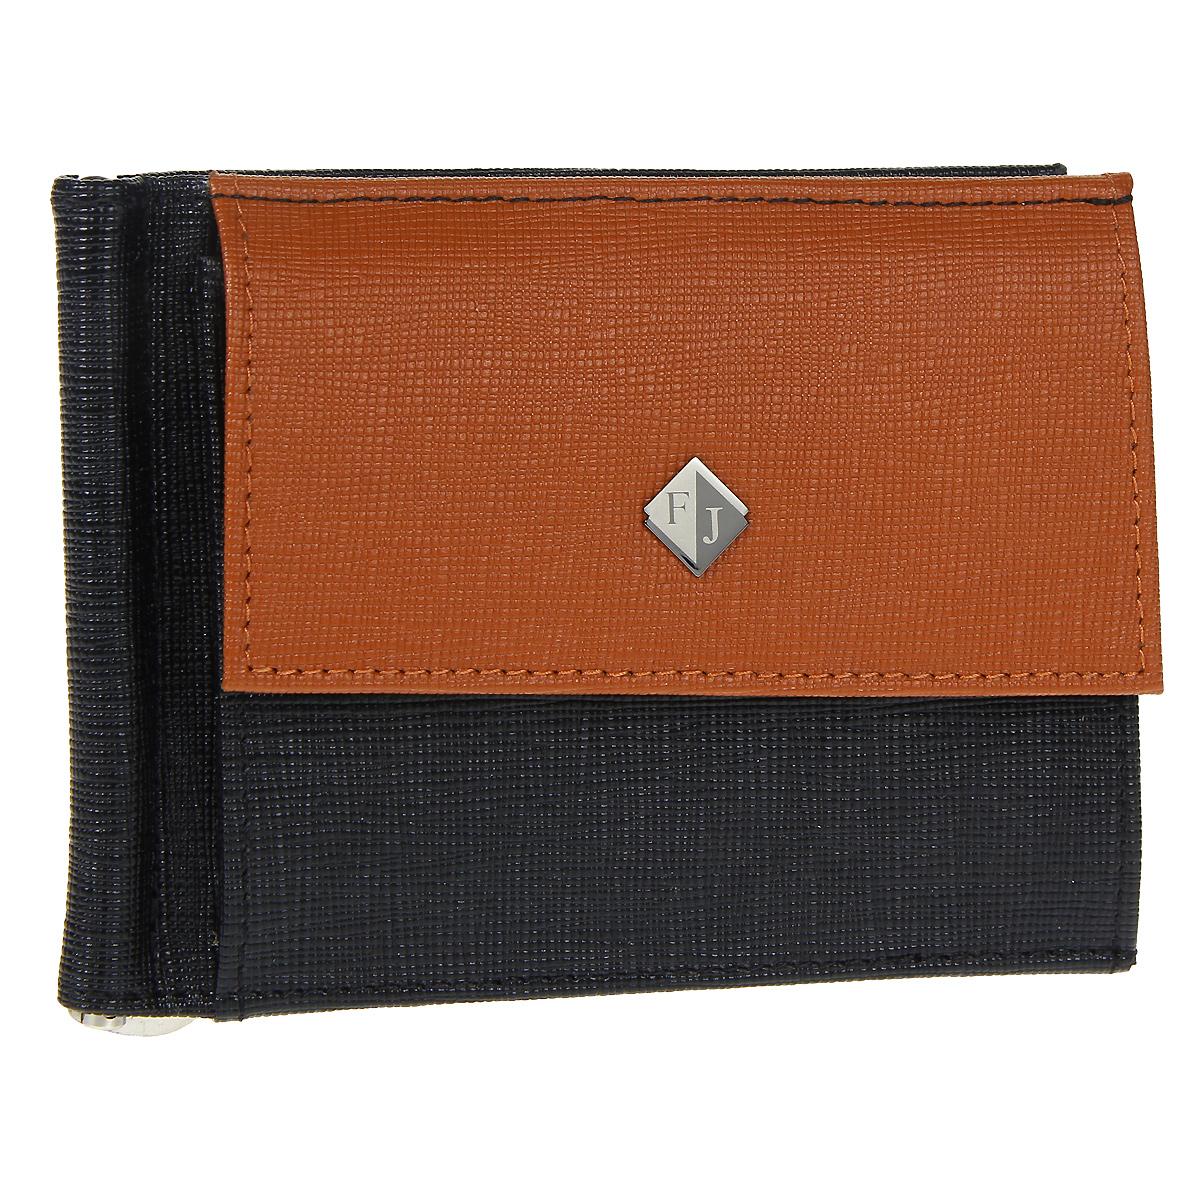 Зажим для купюр Flioraj, цвет: черный, рыжий. 1527-05/04/F1527-05/04/F черн-рыжЗажим для купюр Flioraj выполнен из натуральной кожи черного цвета с отделкой из кожи рыжего цвета. На лицевой стороне зажима находится небольшой карман для мелочи, закрывающийся на кнопку. Внутри имеется отодвигающийся металлический зажим и два сетчатых кармана. Зажим для купюр закрывается на кнопку. Зажим упакован в подарочную упаковку из плотного картона. Зажим для купюр Flioraj станет отличным подарком человеку, ценящему практичные и стильные вещи, а качество его исполнения представит такой подарок в самом выгодном свете. Характеристики: Материал: натуральная кожа, металл. Размер в сложенном виде: 12 см х 9 см х 1 см. Цвет: черный, рыжий. Размер упаковки: 16,5 см х 15 см х 4 см. Артикул: 1527-05/04/F.